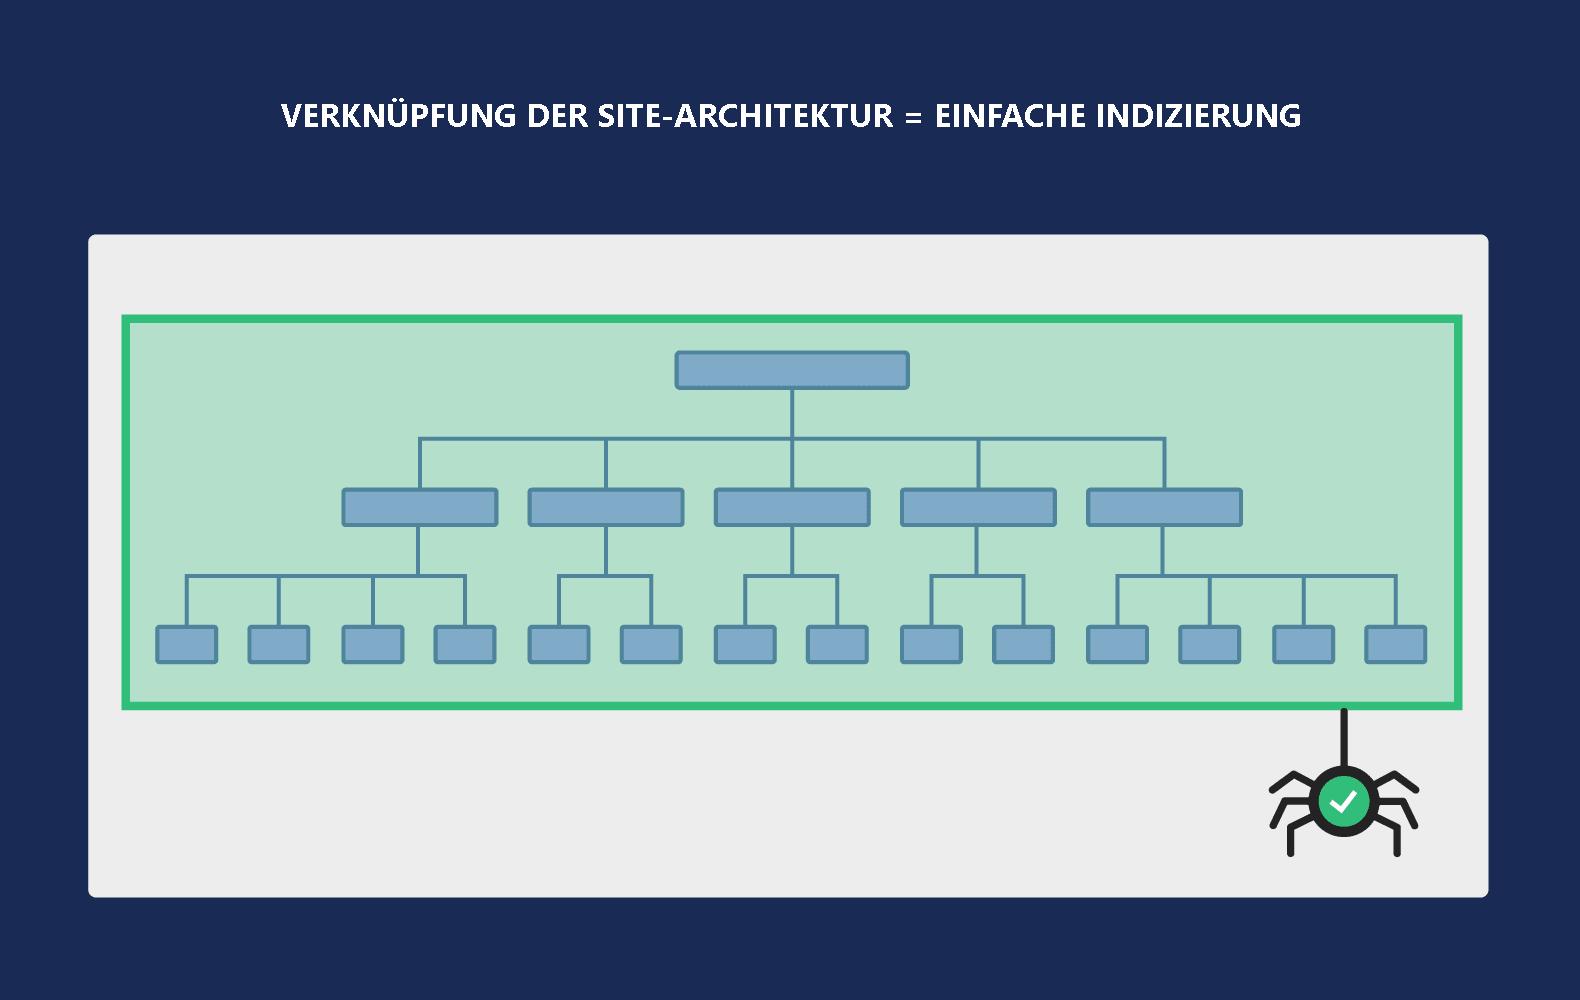 Verknüpfung der Site-Architektur = einfache Indizierung